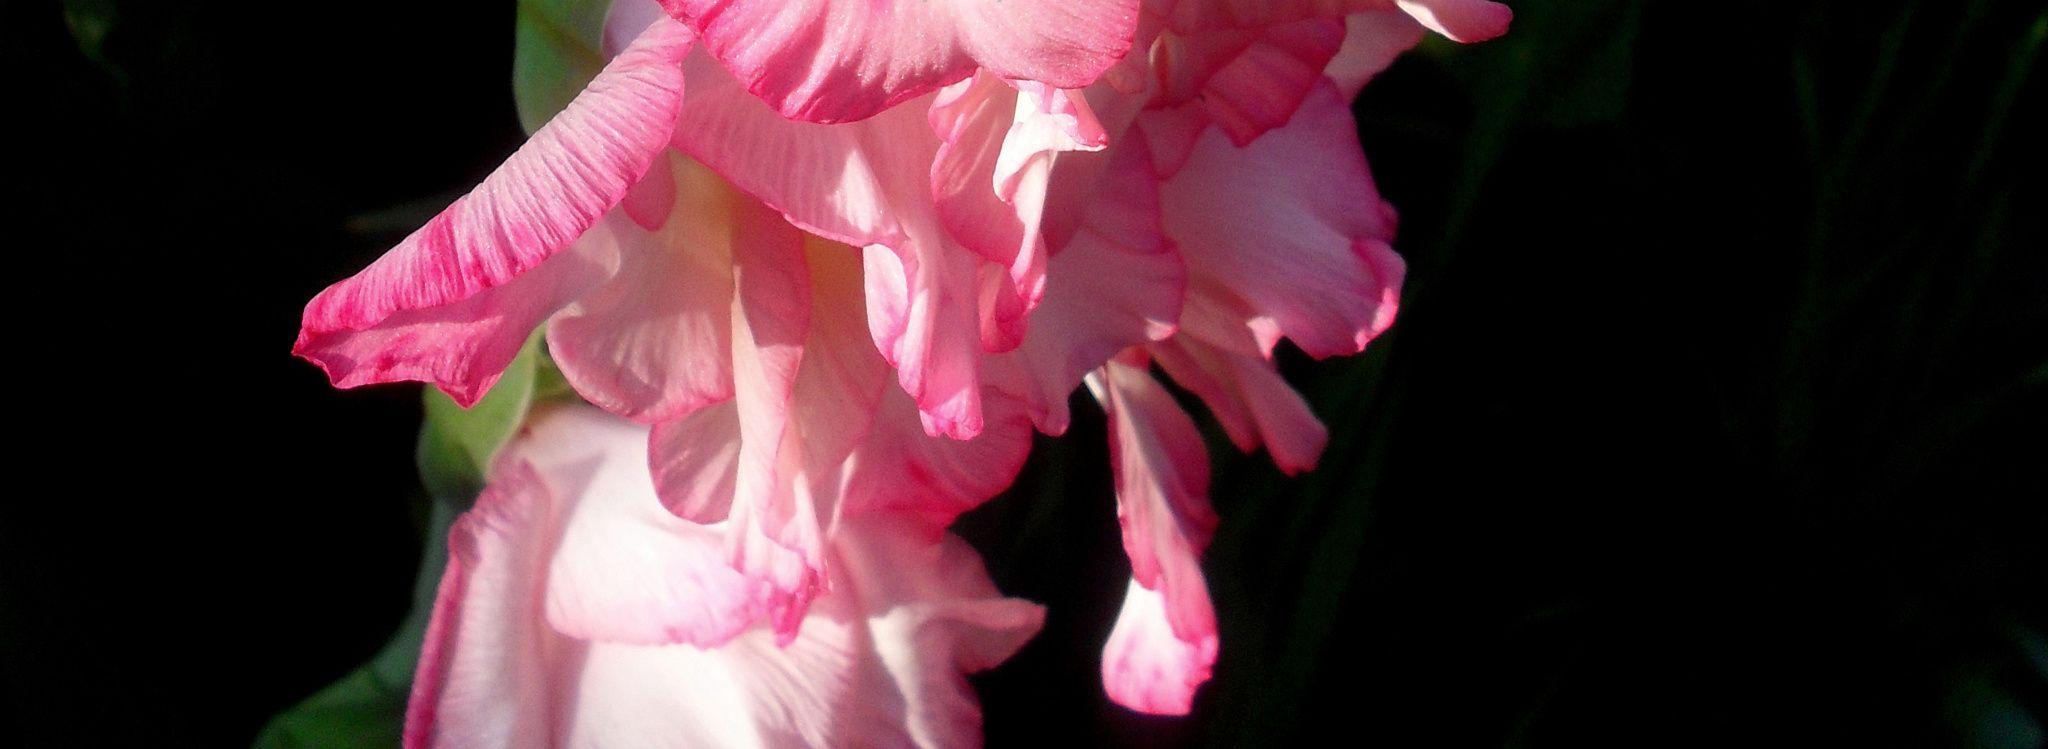 light - flower